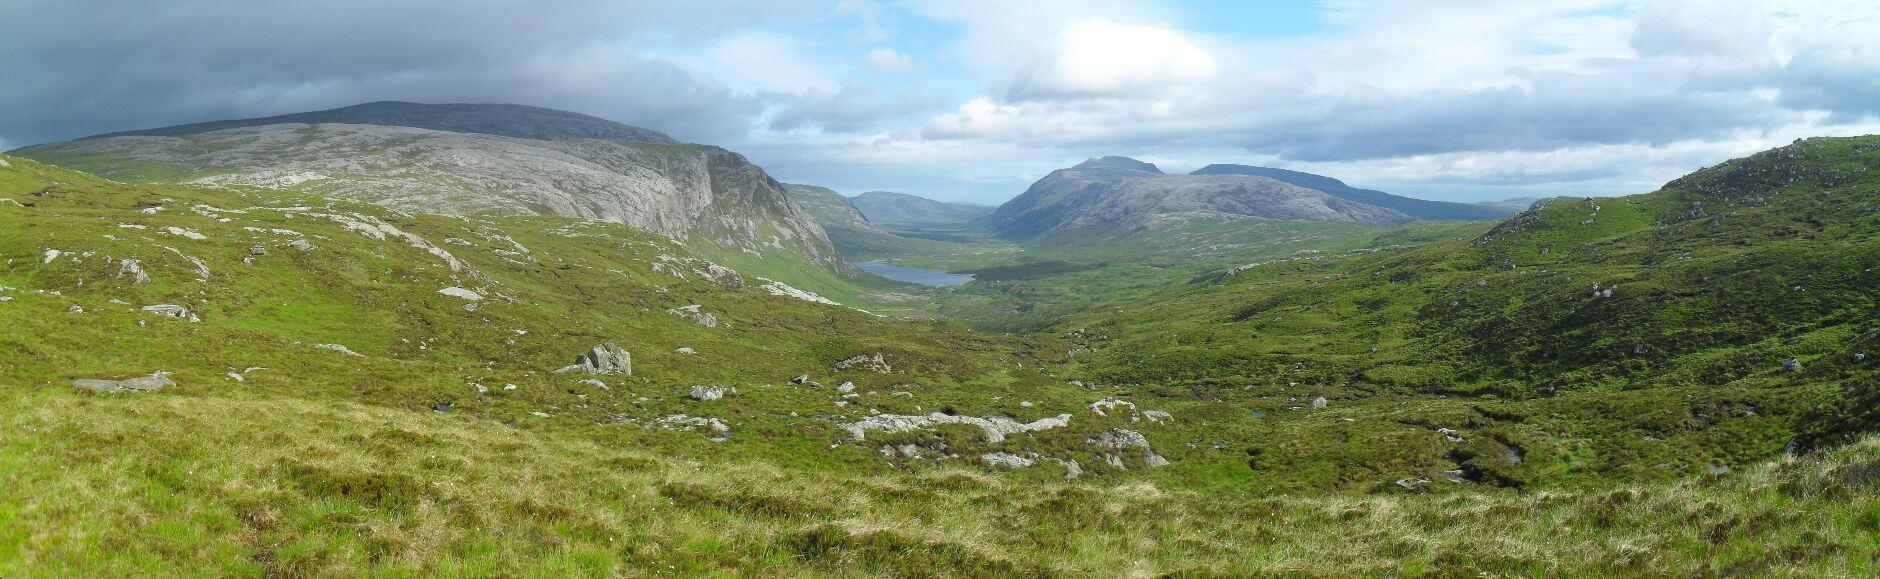 und mir würde das hier entgehen. Der Blick geht weit nach Norden auf Loch und Srath Dionard. Dieses Tal steht bei mir schon auf der Warteliste für eine Nord-Süd-Befahrung der Highlands